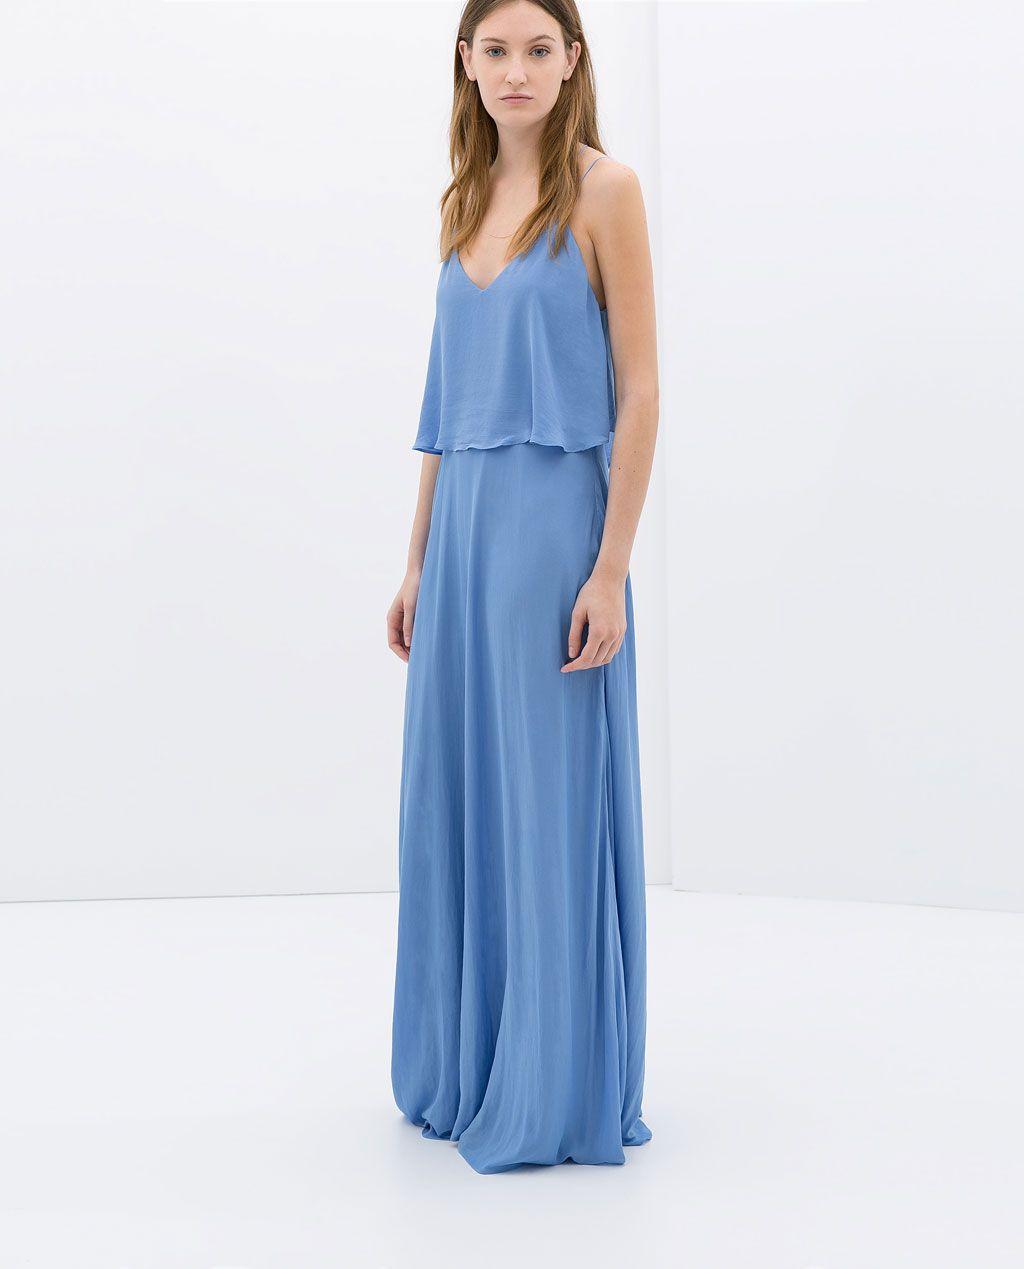 Maxi dress designs 2018 silverado